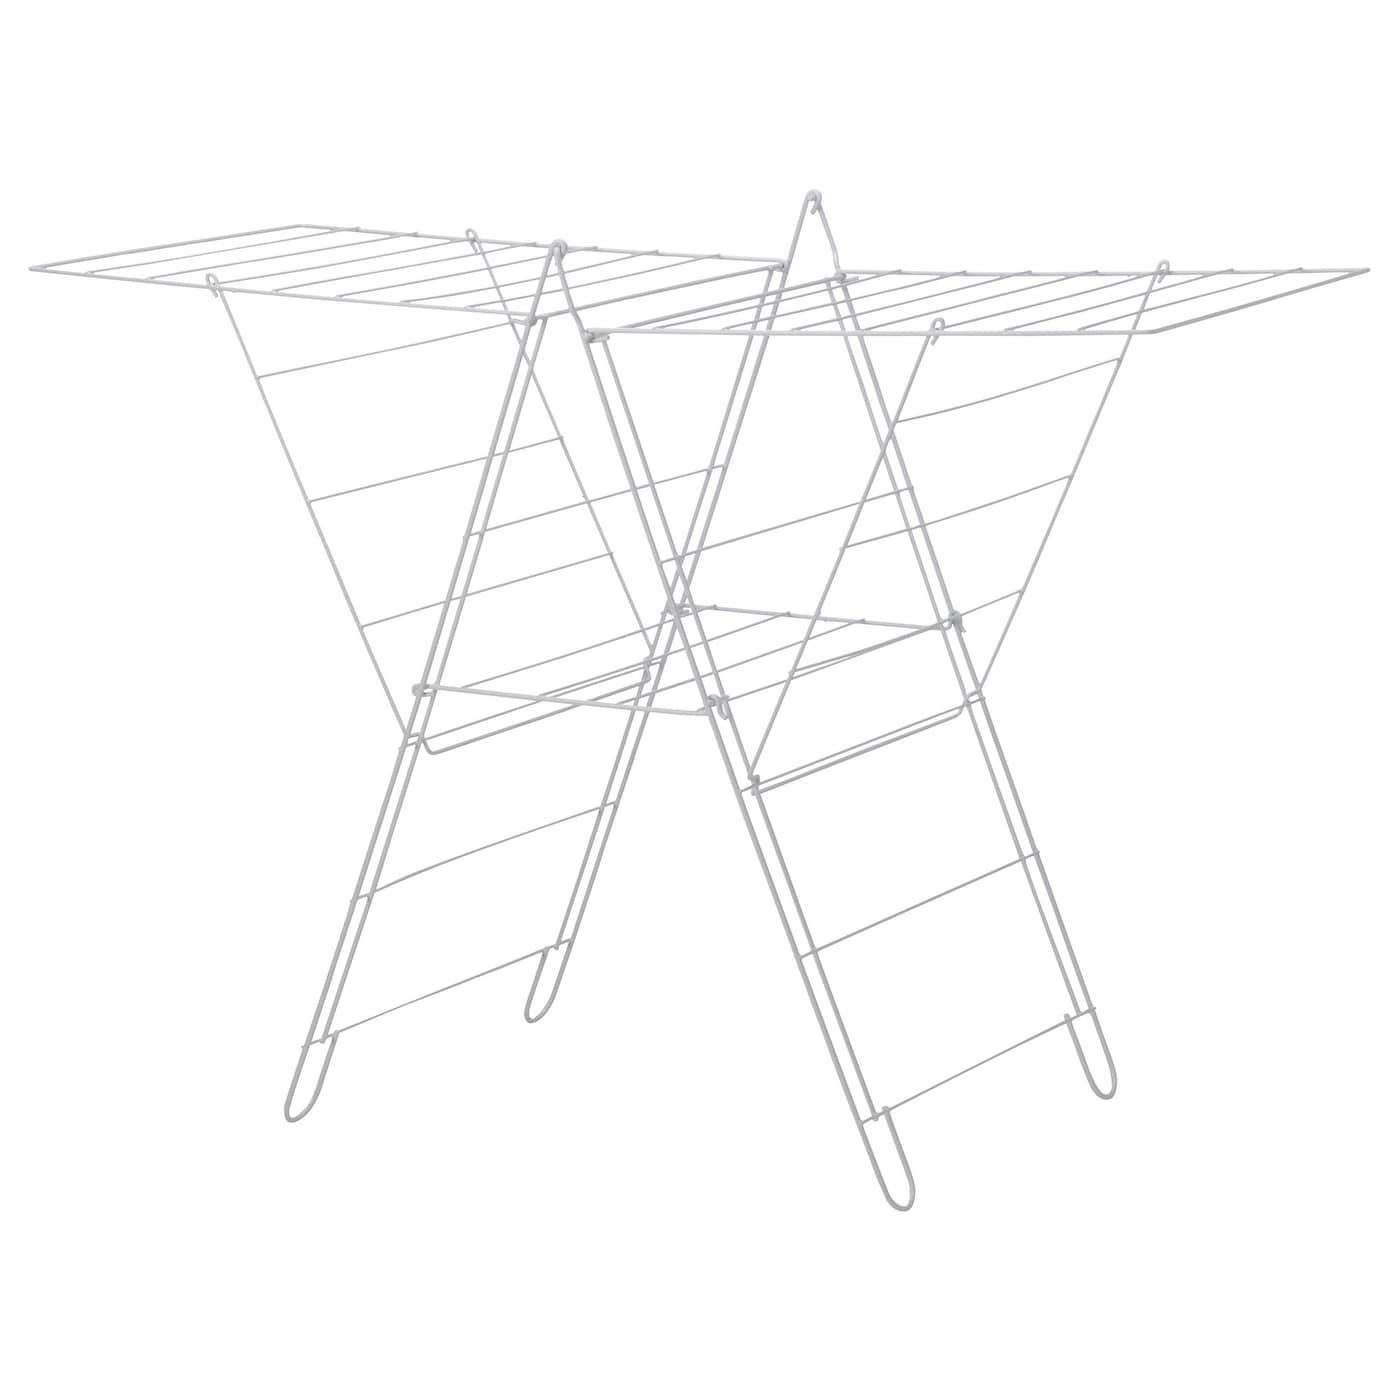 s choir linge ikea. Black Bedroom Furniture Sets. Home Design Ideas